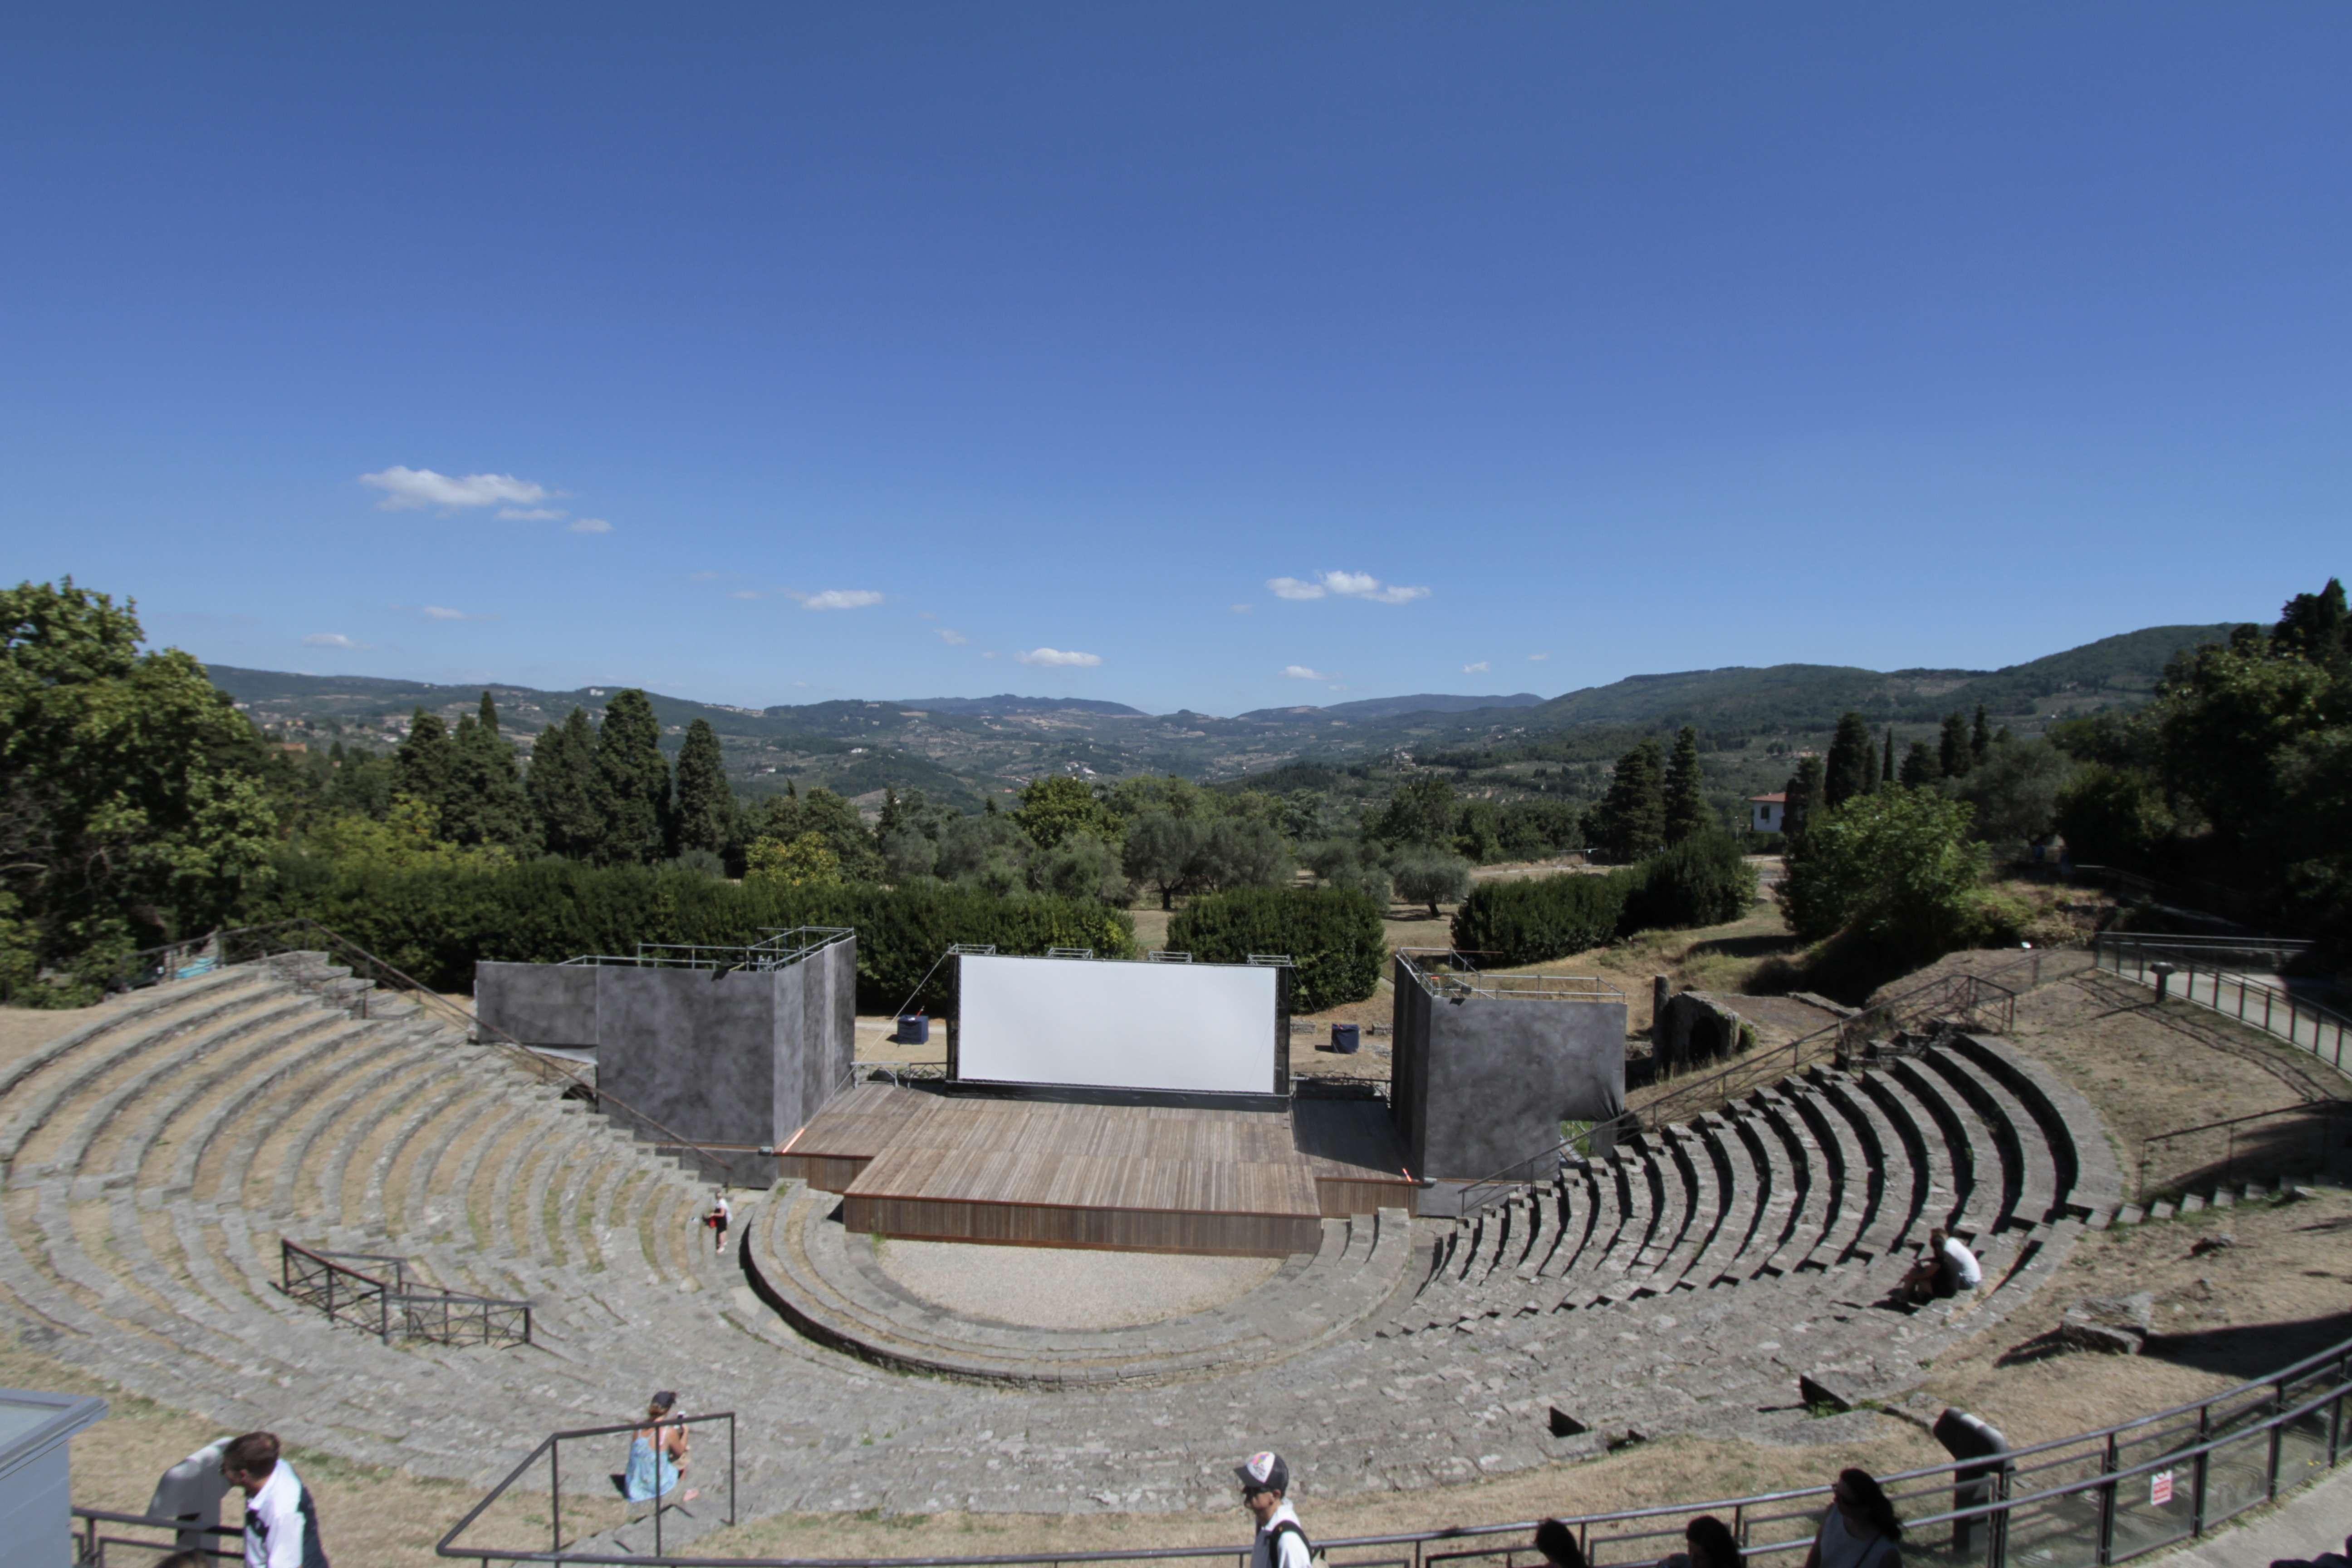 Toscane aout 2016 _0325 Fiesole theatre